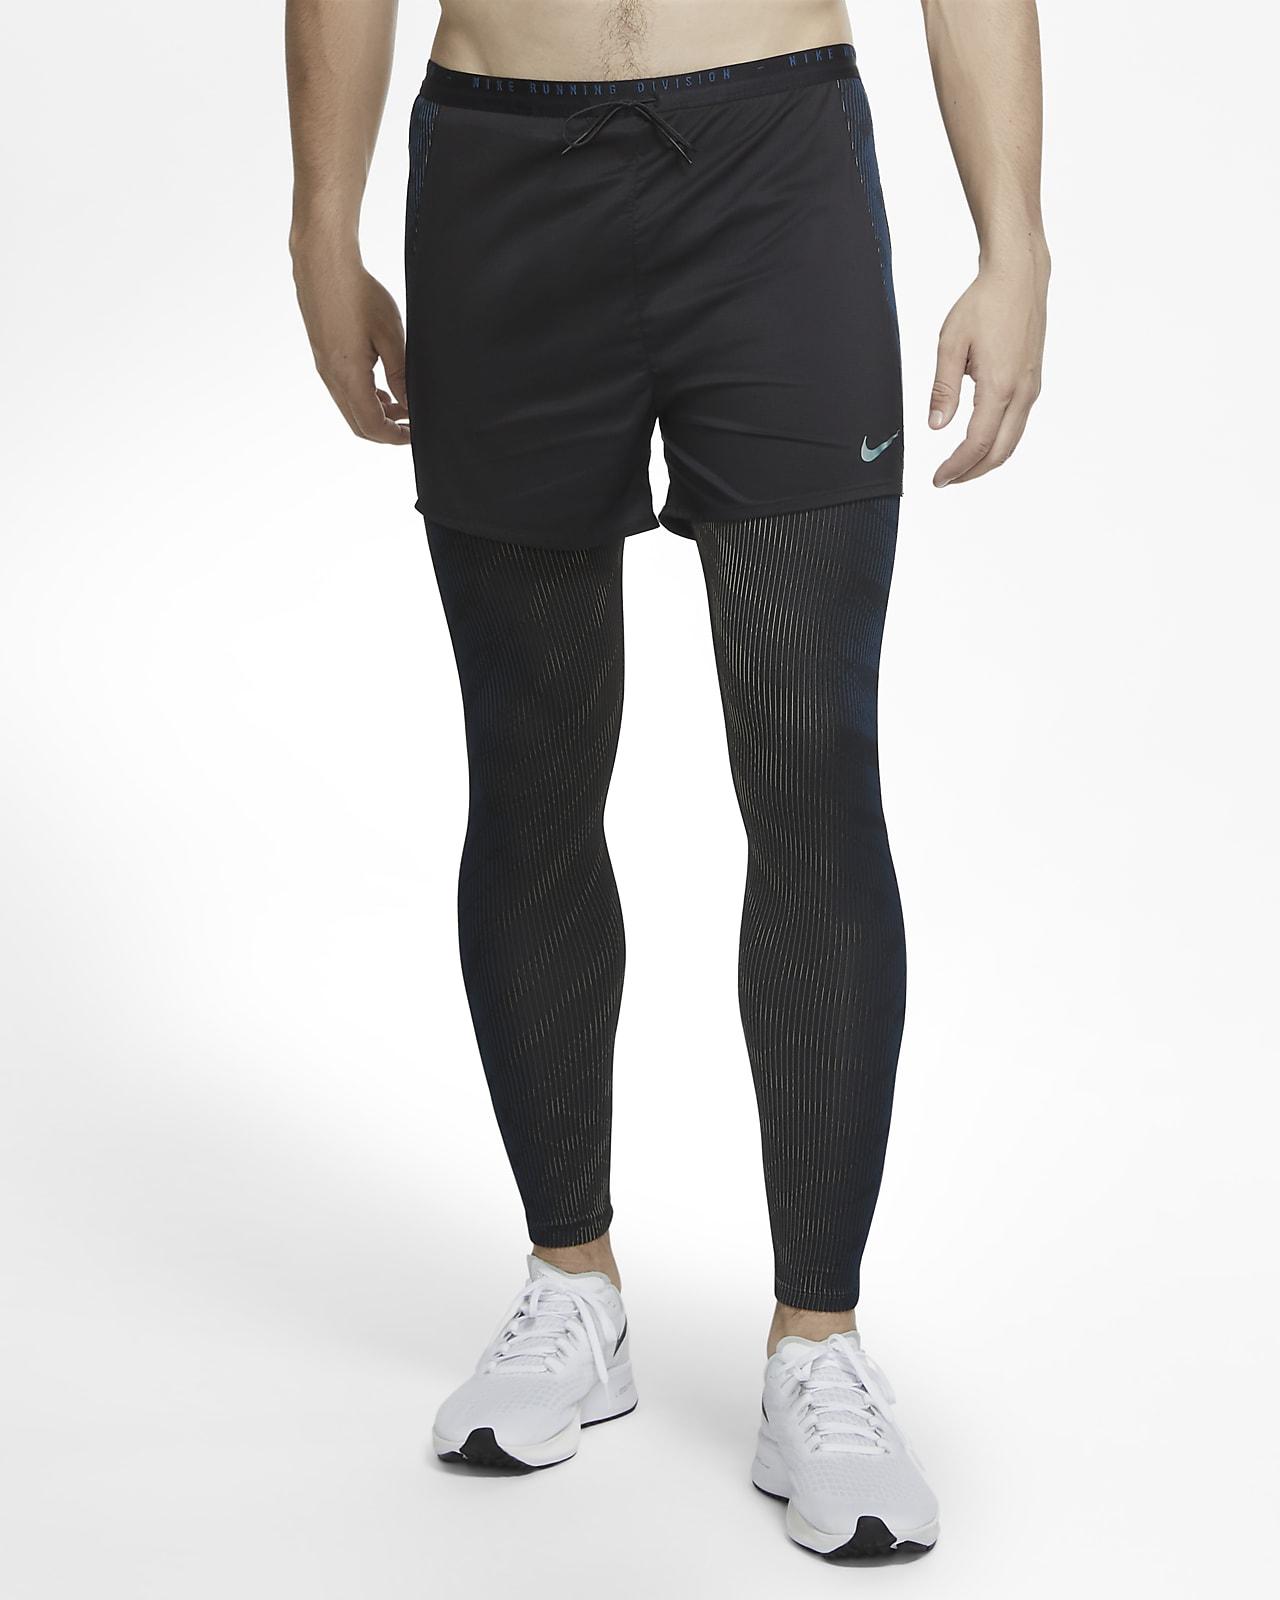 Nike Run Division Men's Hybrid Running Tights